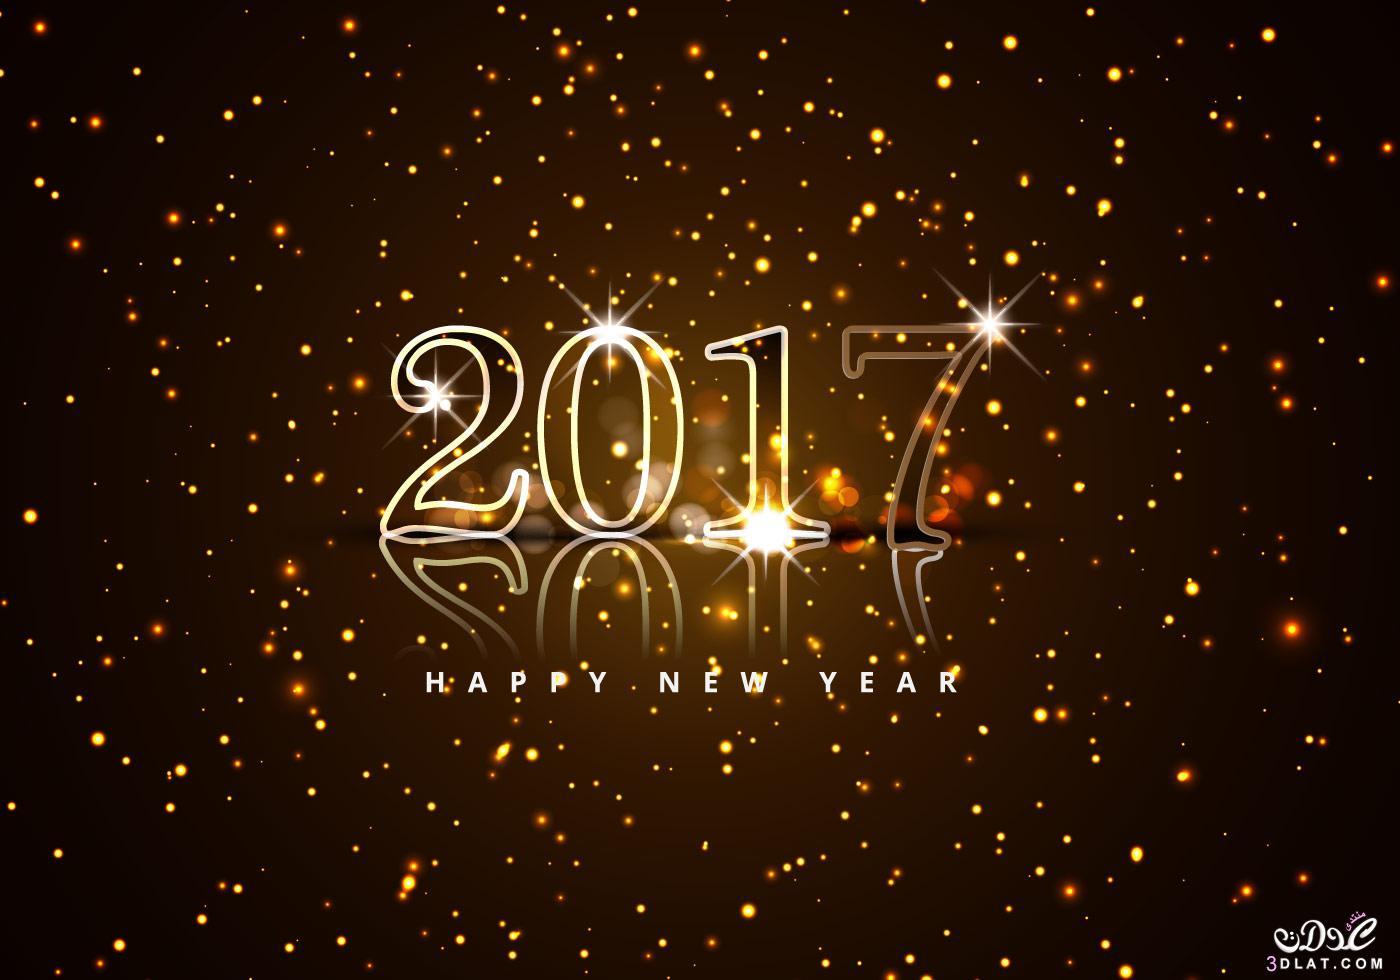 خلفيات جديدة لراس السنة الميلادية 2017 , اروع الخلفيات للعام الجديد , احدث الرمزيات للعام 2017 new_1479739243_121.j